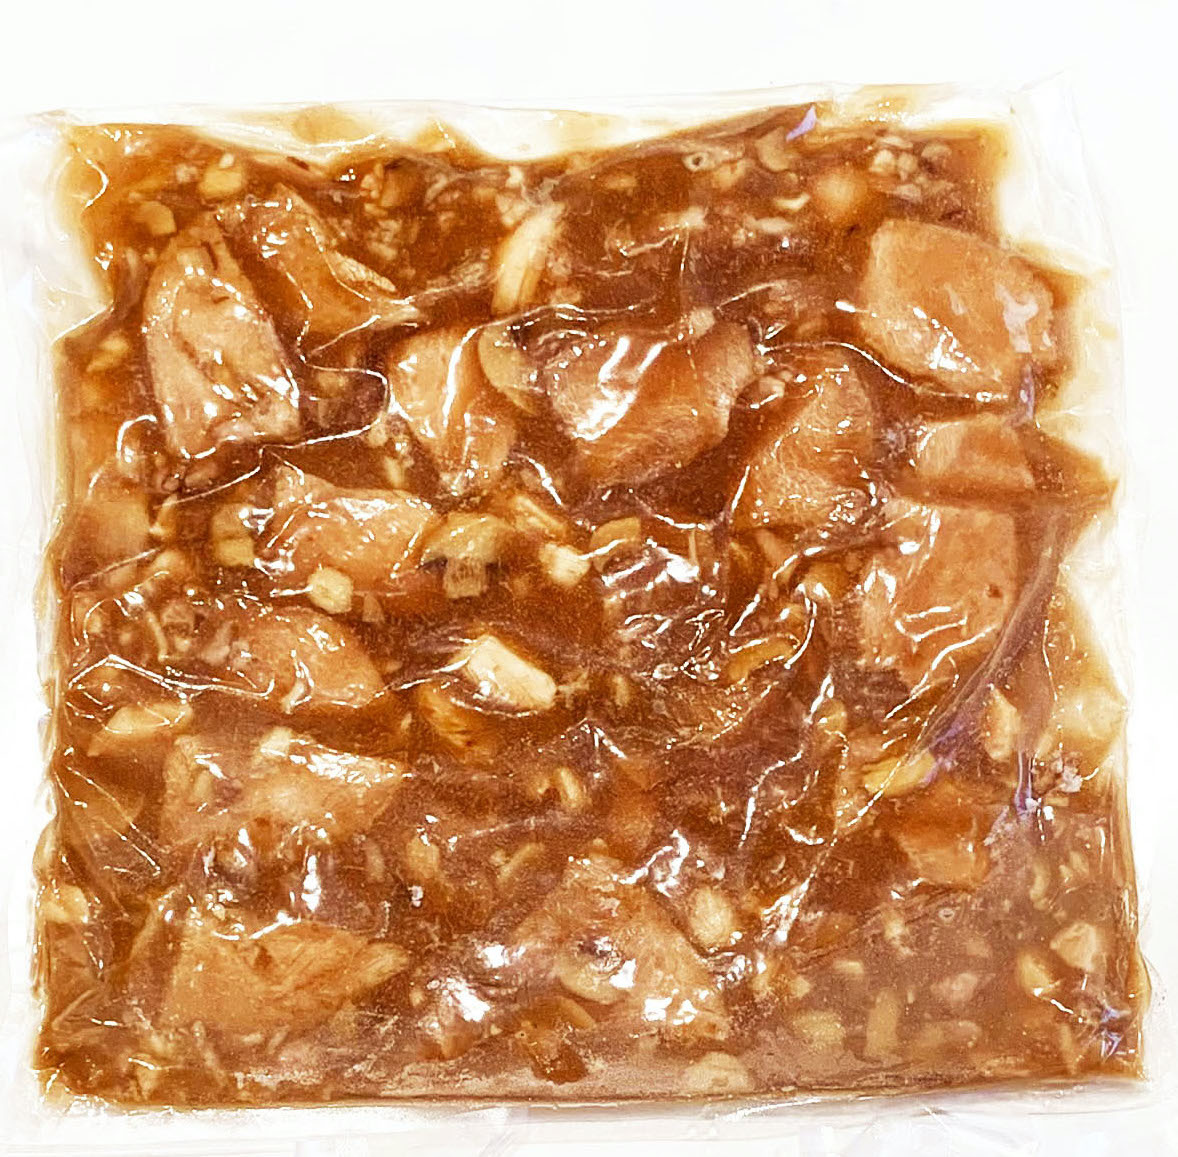 Poitrine de dinde & de poulet en sauce forestière (SACHET DE 750g)